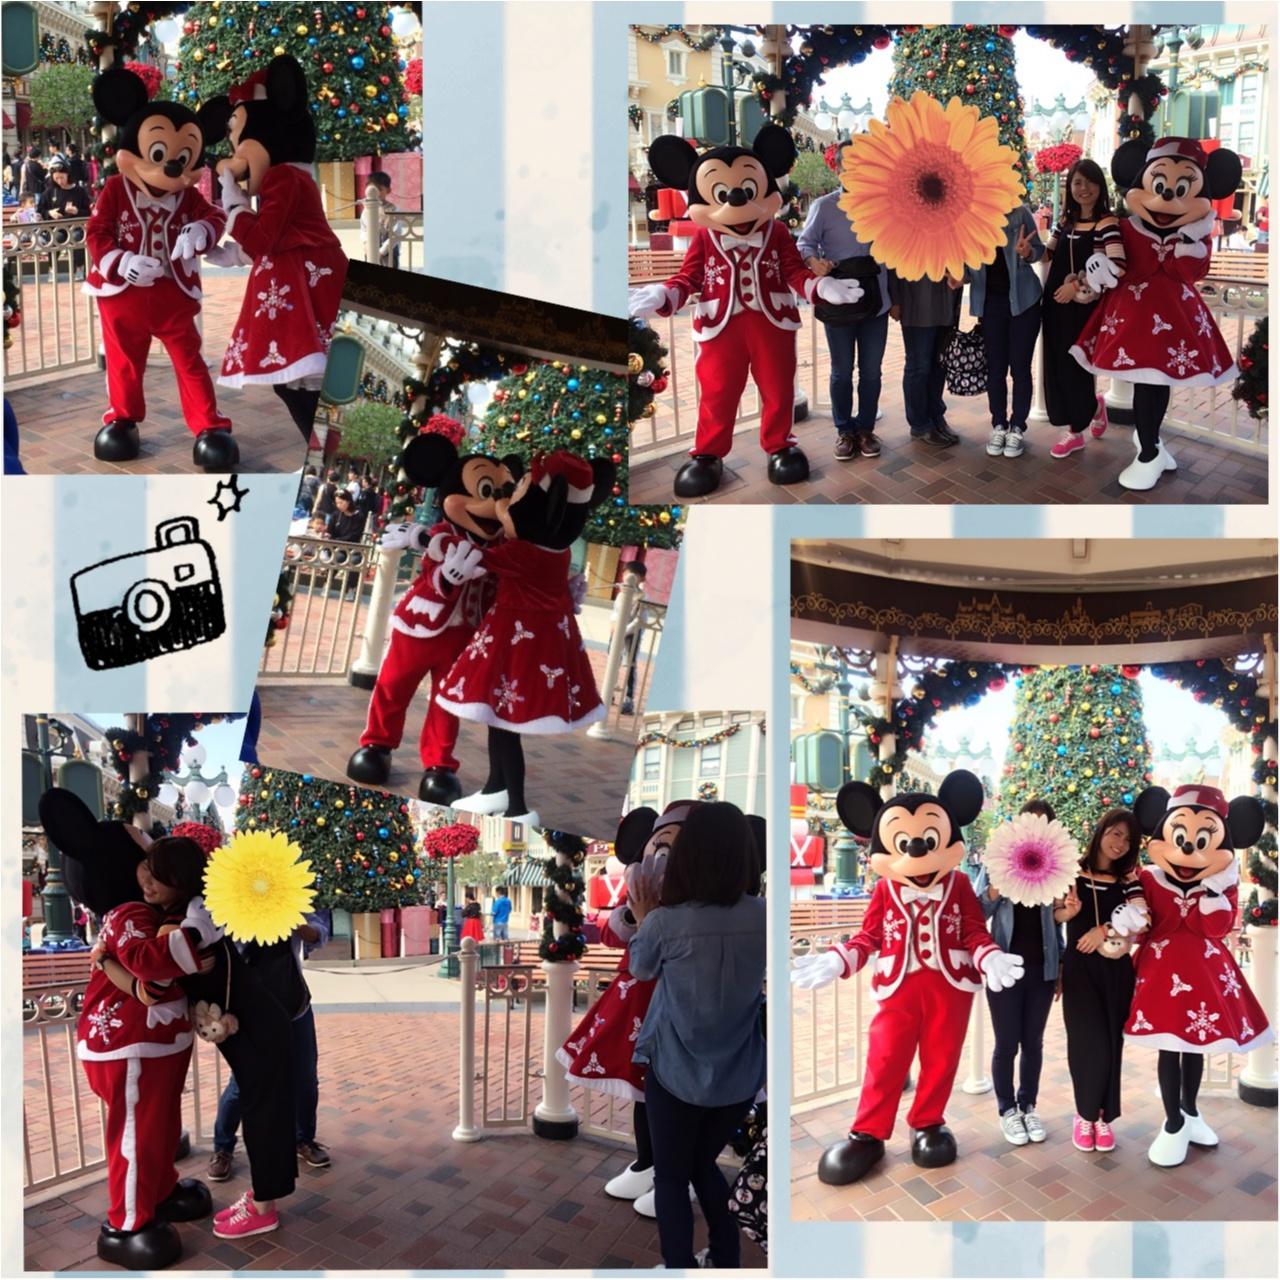 【vacation】グリーティング天国?!日本にはないものがたくさん!♡香港ディズニーランドを2倍楽しむ!おすすめポイント♡_2